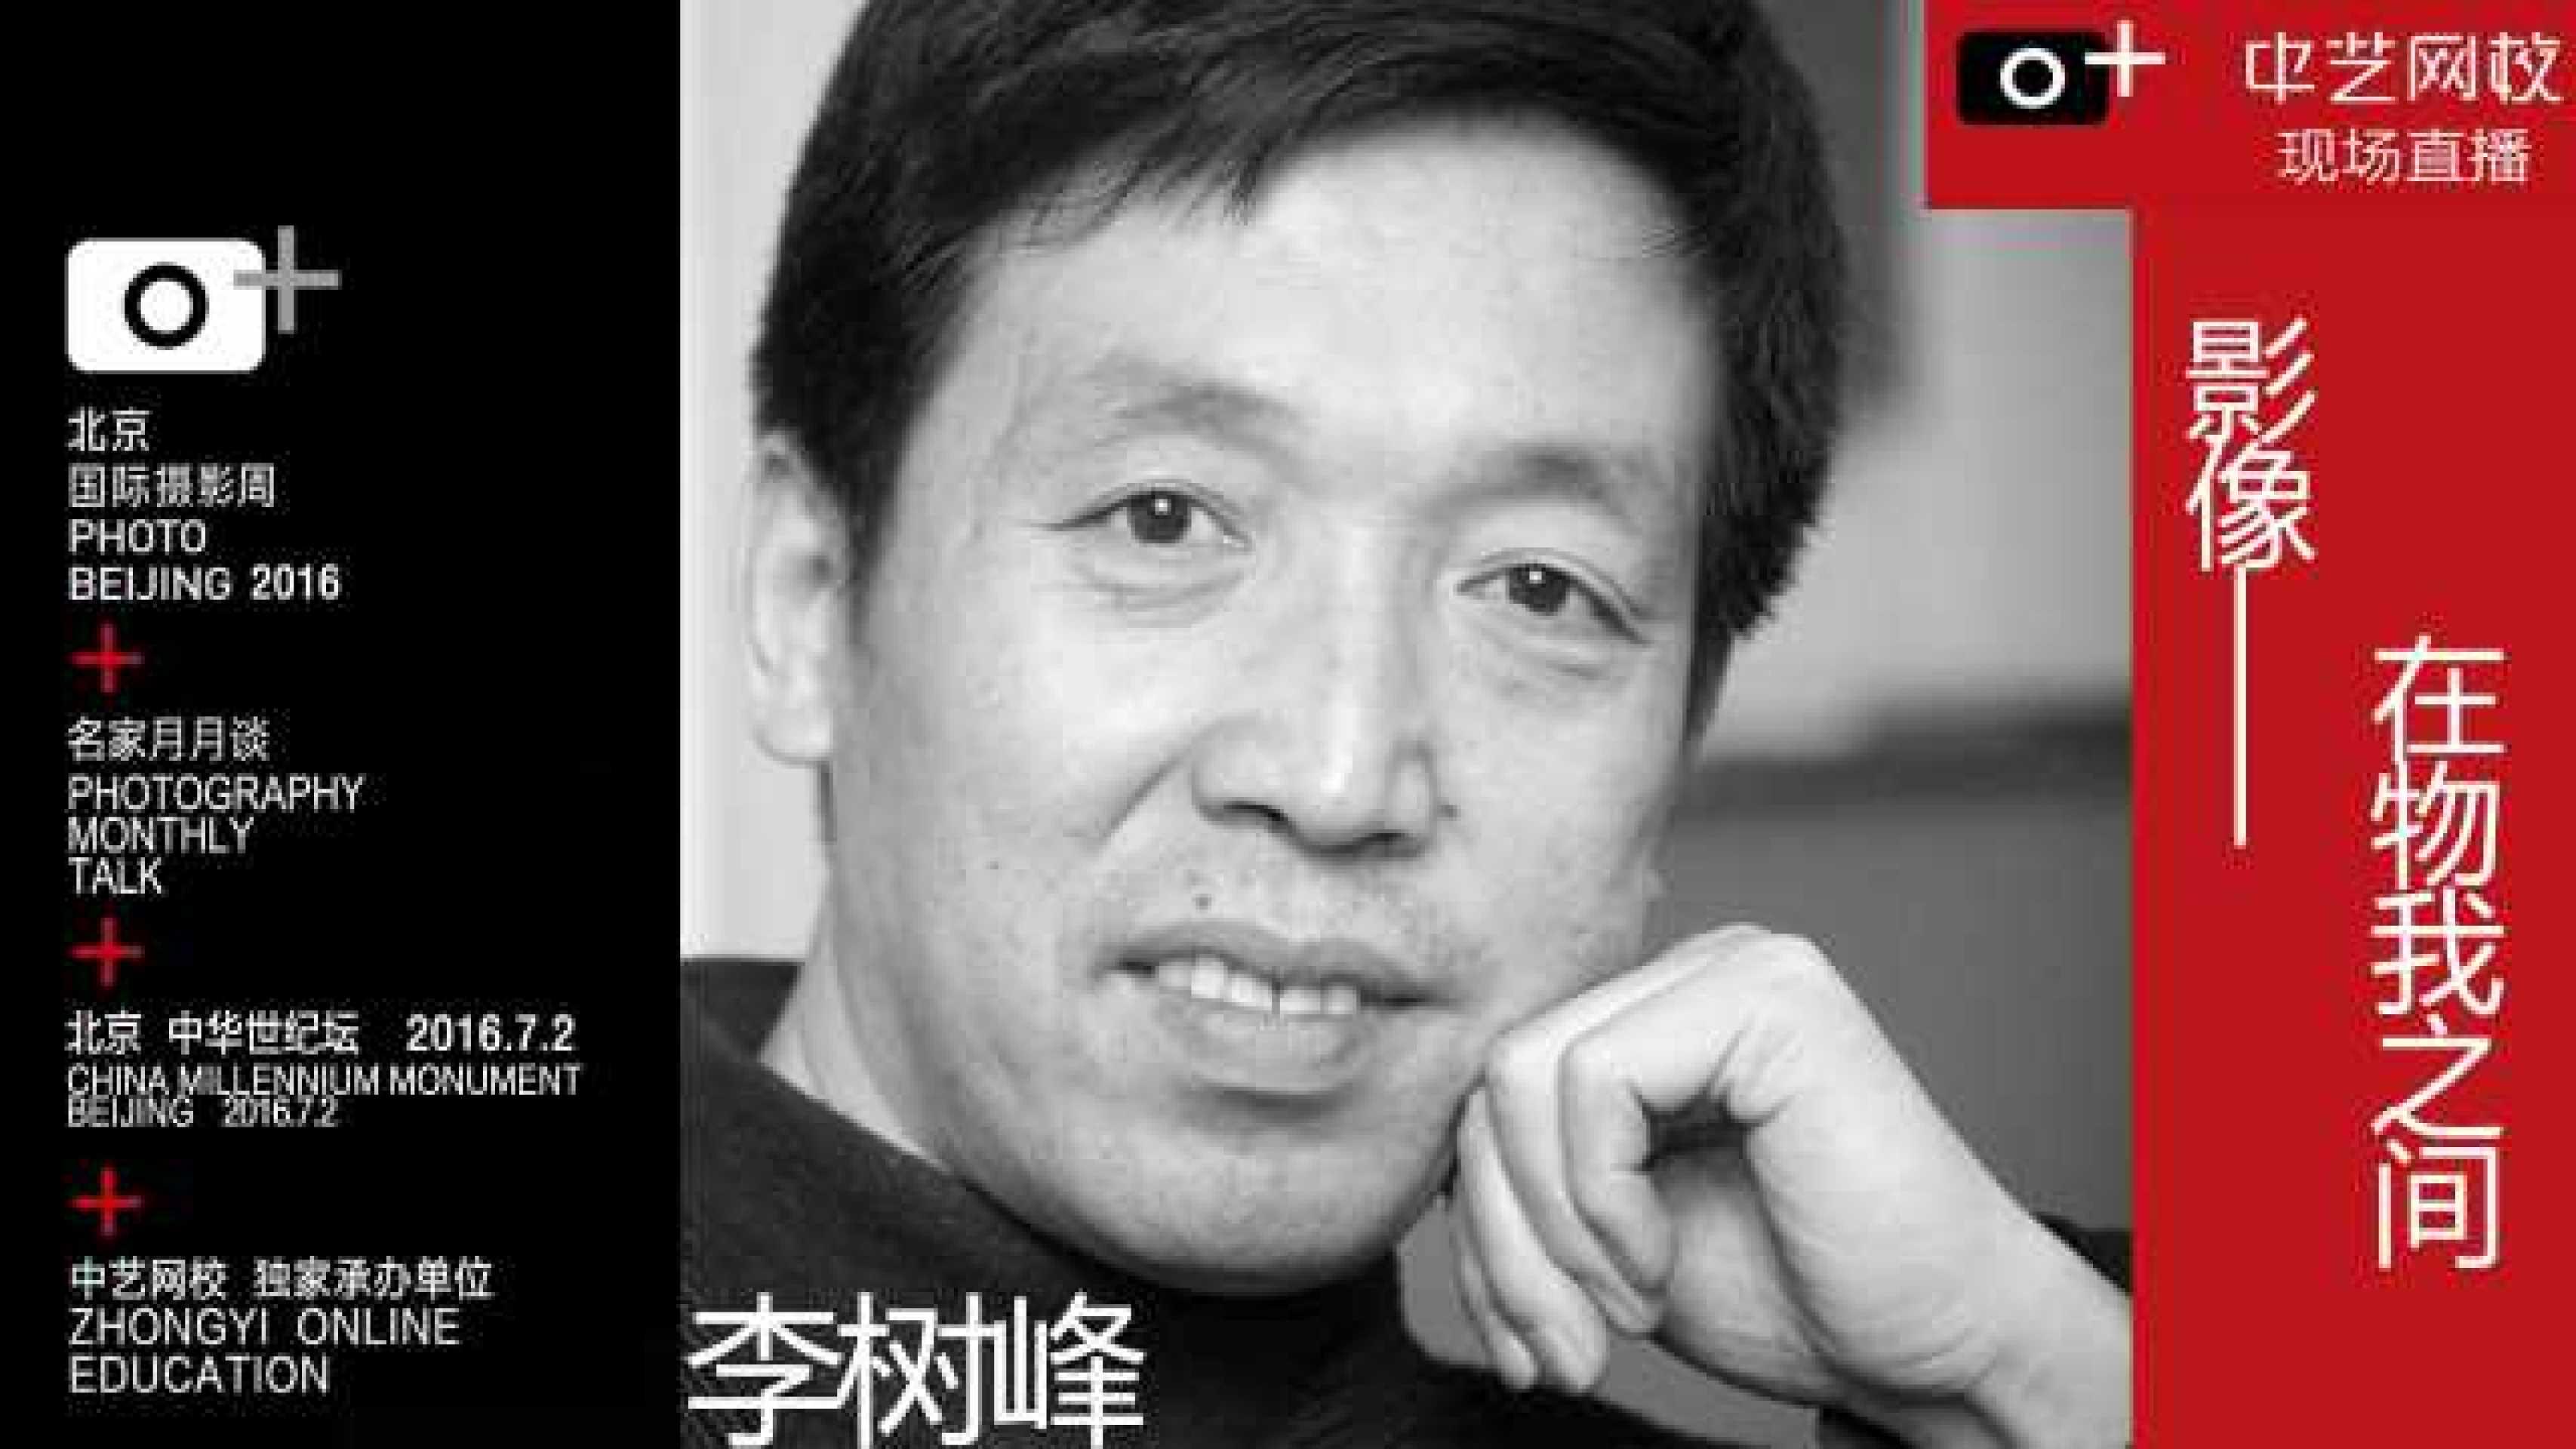 李树峰:影像——在物我之间_2016年7月中艺名家月月谈